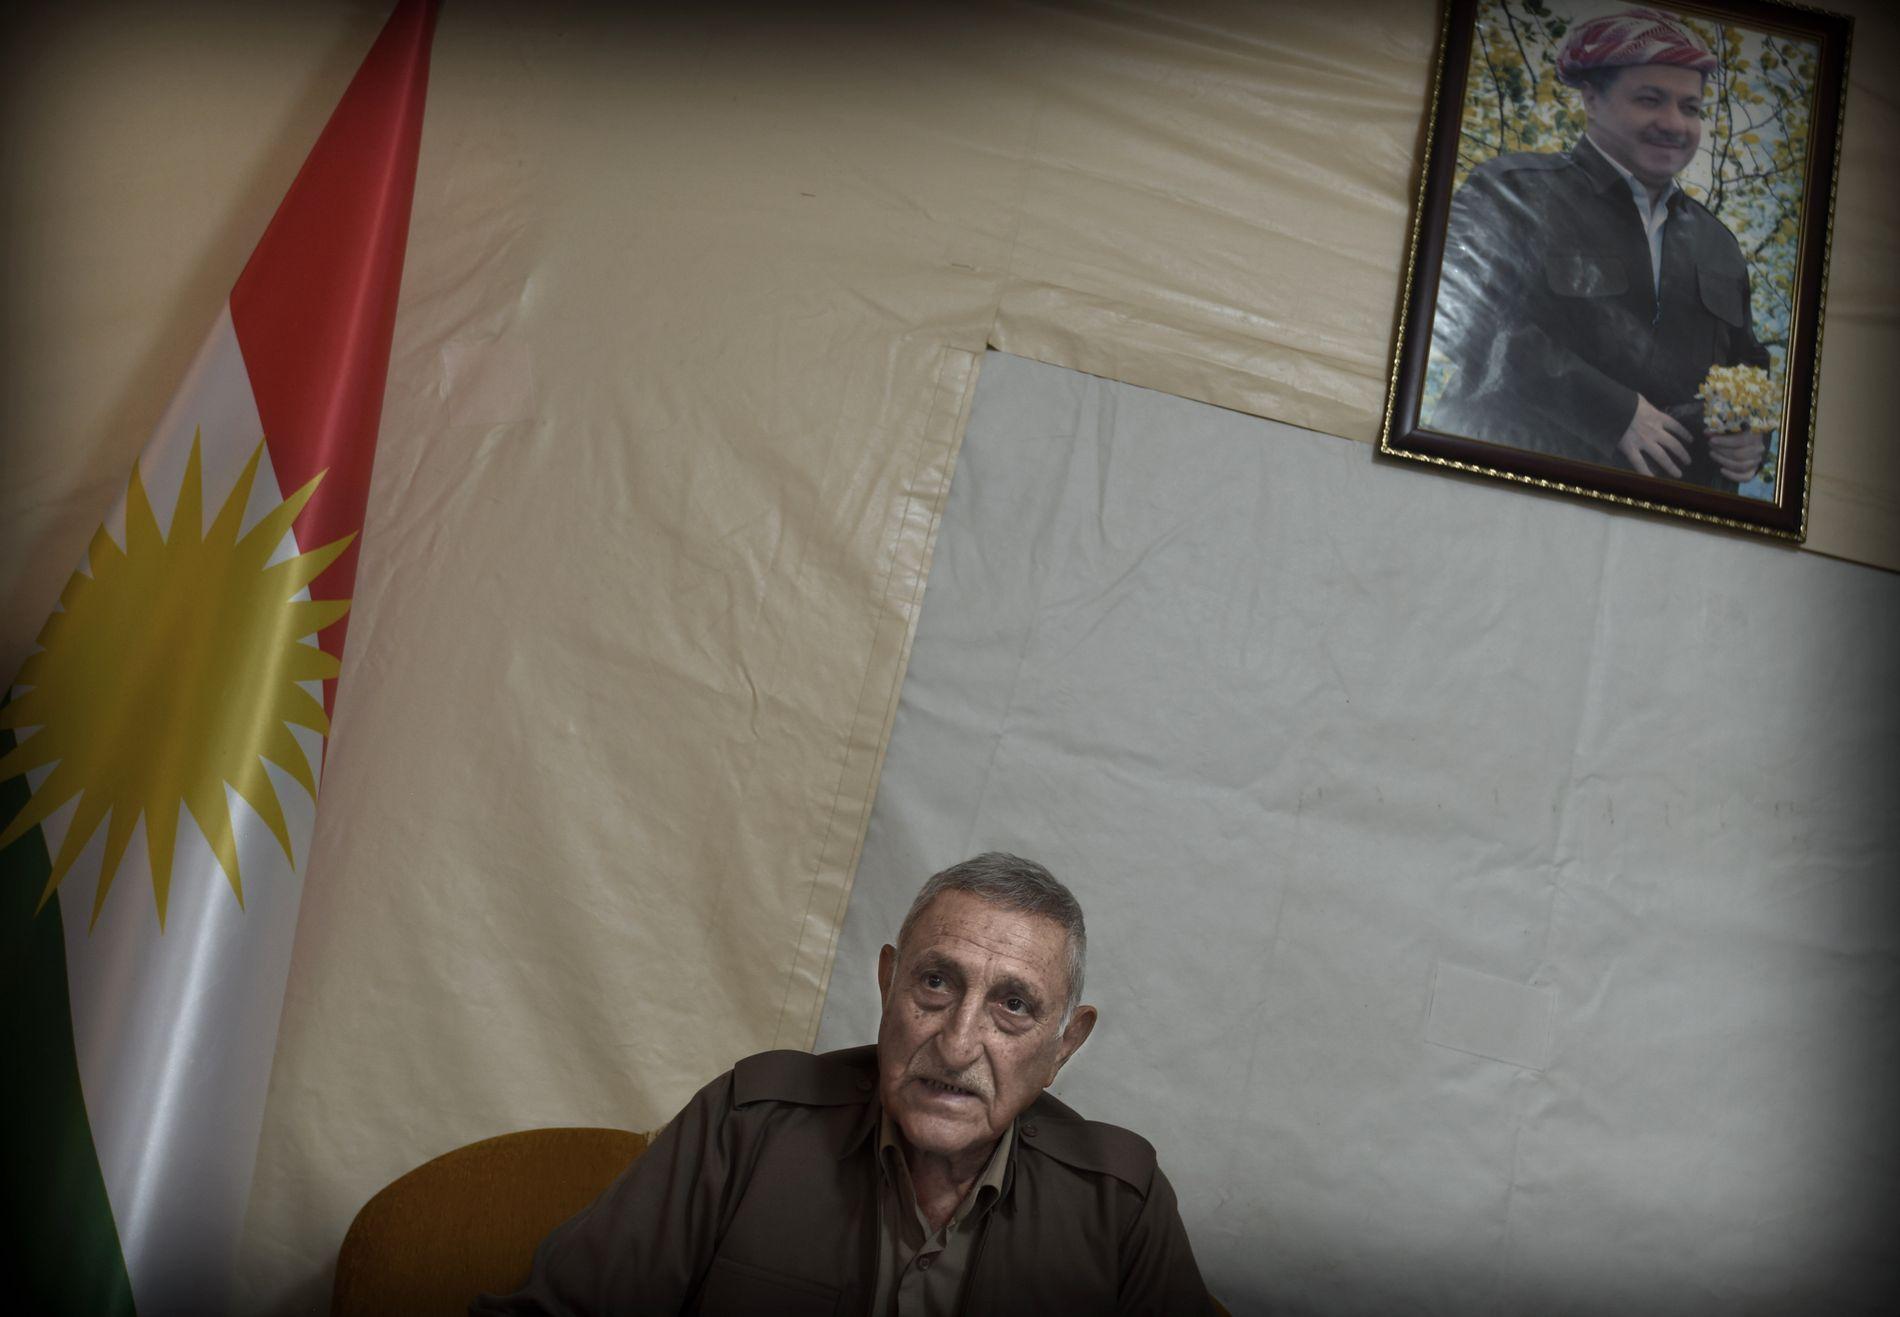 LEGENDARISK GENERAL: General og sector commandor» Hamid Afandi kom tilbake fra pensjonisttilværelsen for å kjempe mot IS.